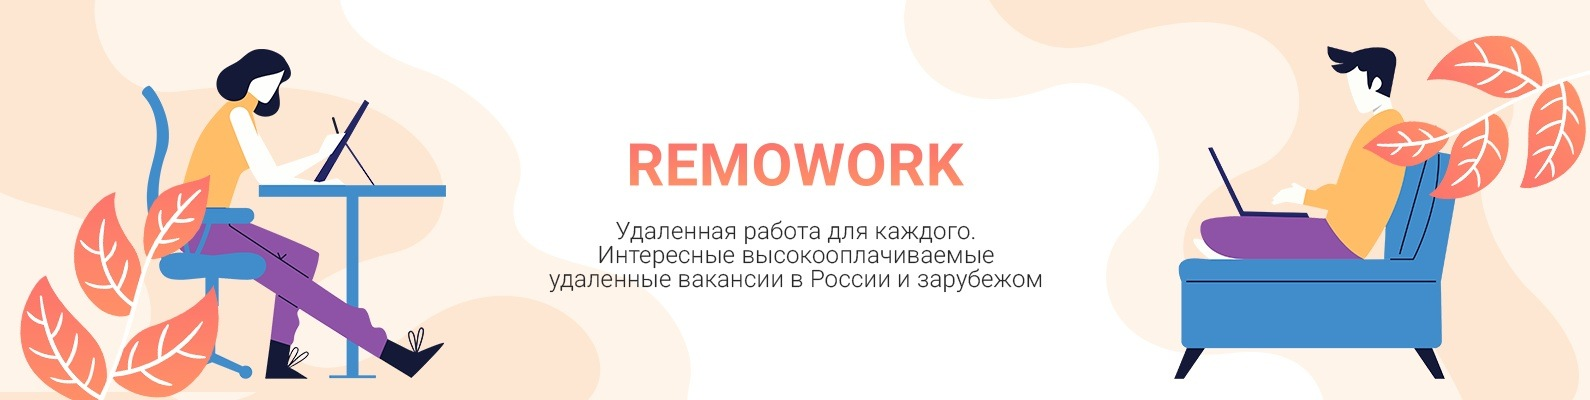 Фрилансер вакансии санкт петербург удаленная работа на дому реальность или миф